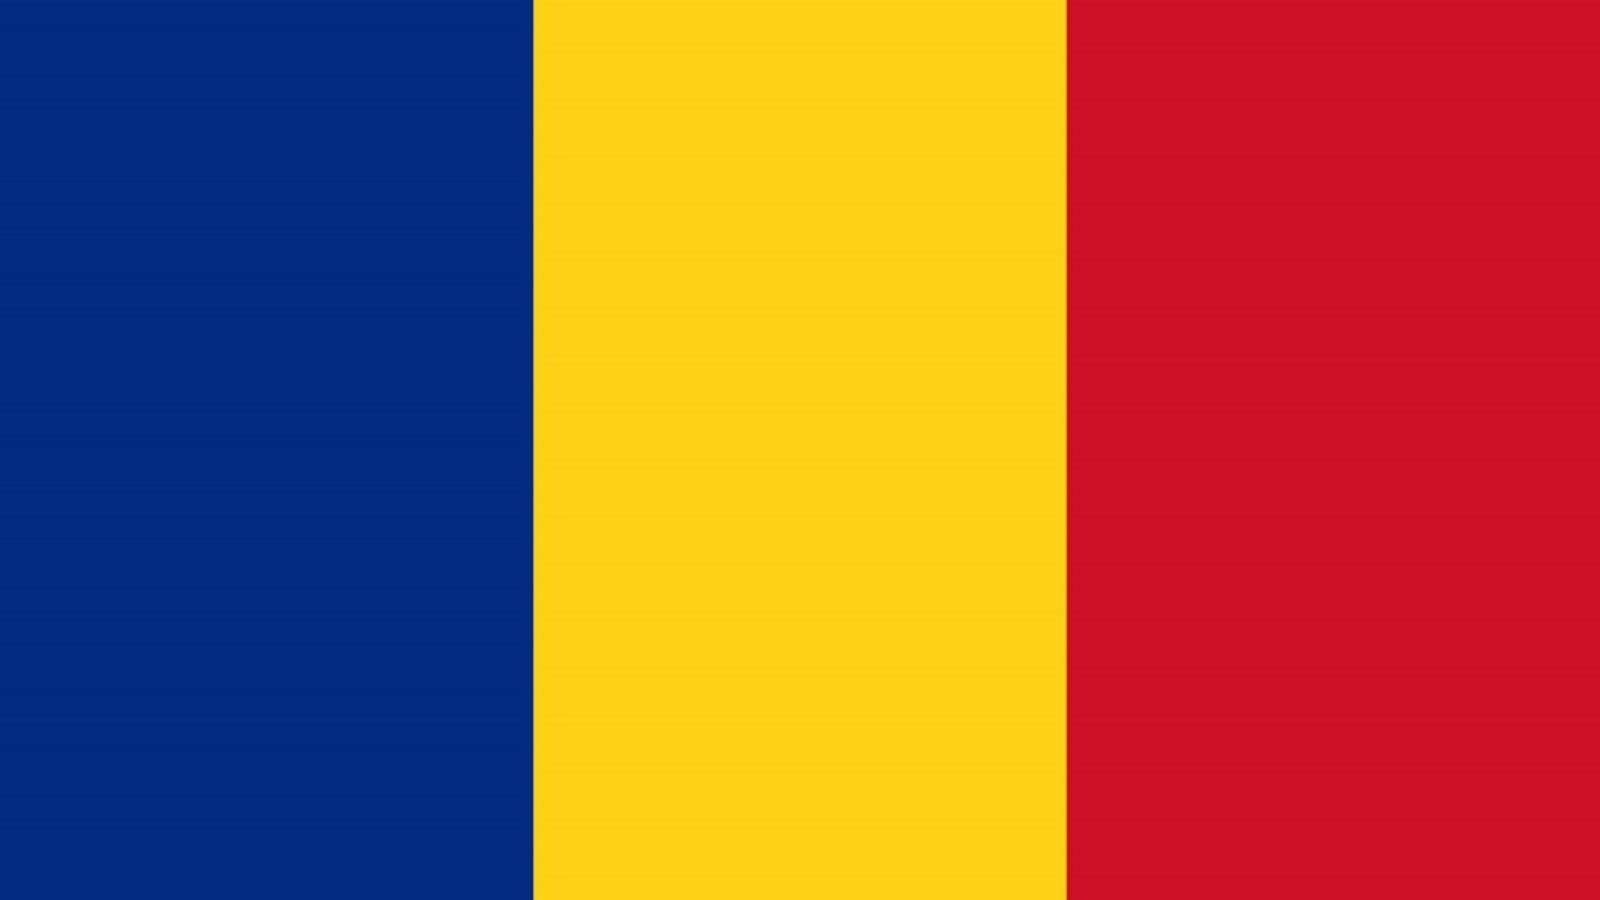 ALERTA DSU Romania Milioane Romani